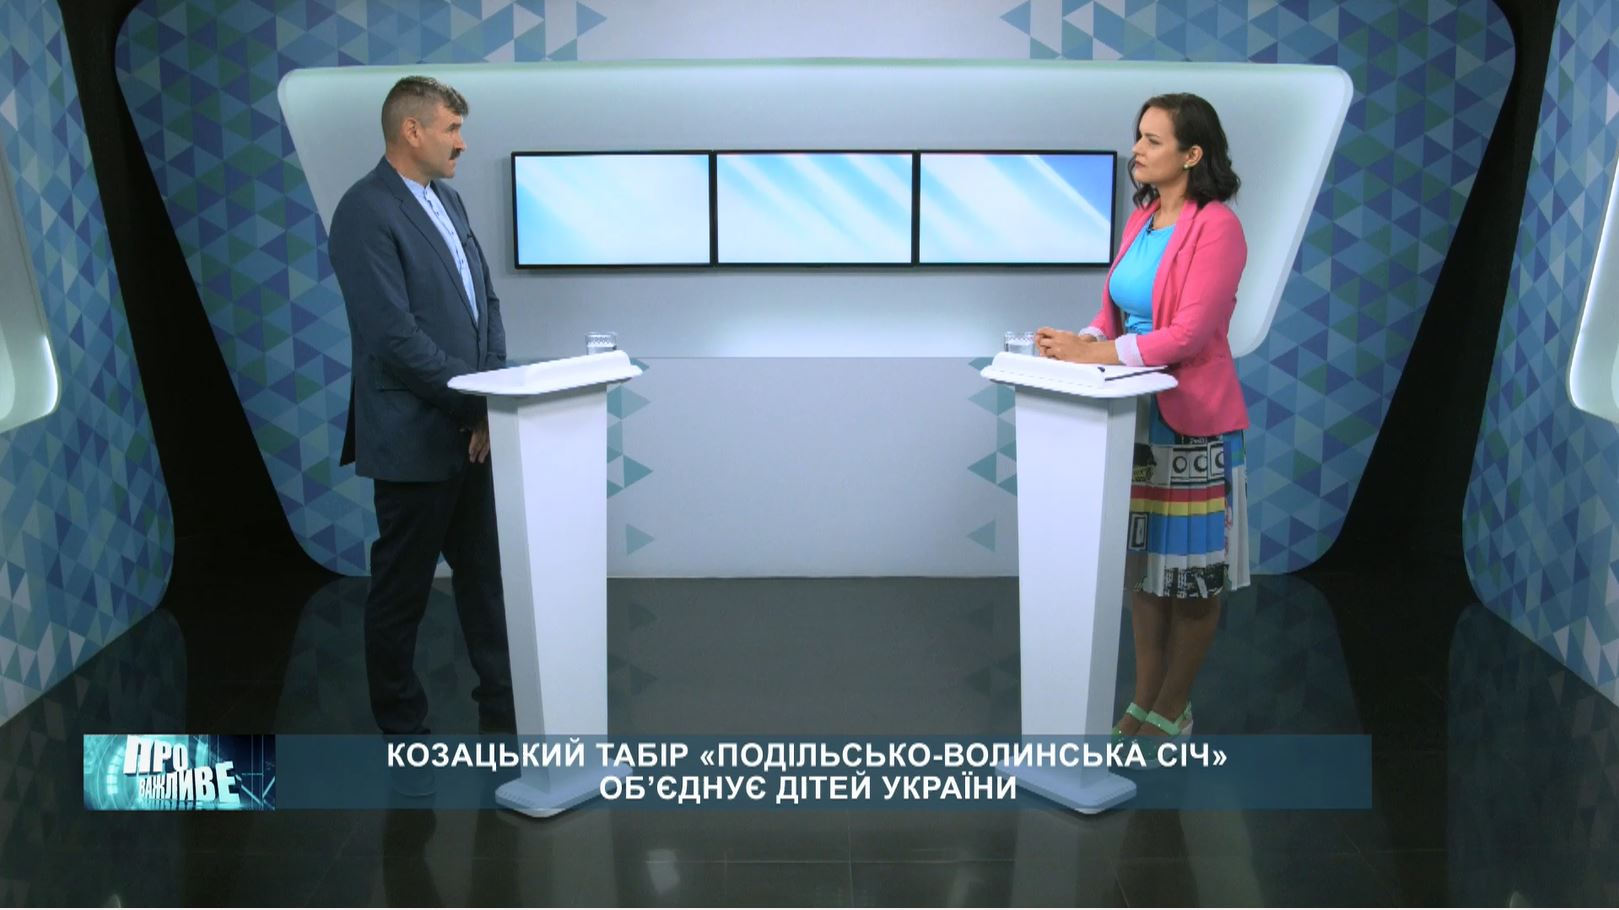 «Про важливе». Козацький табір «Подільсько-Волинська Січ» об'єднує дітей України